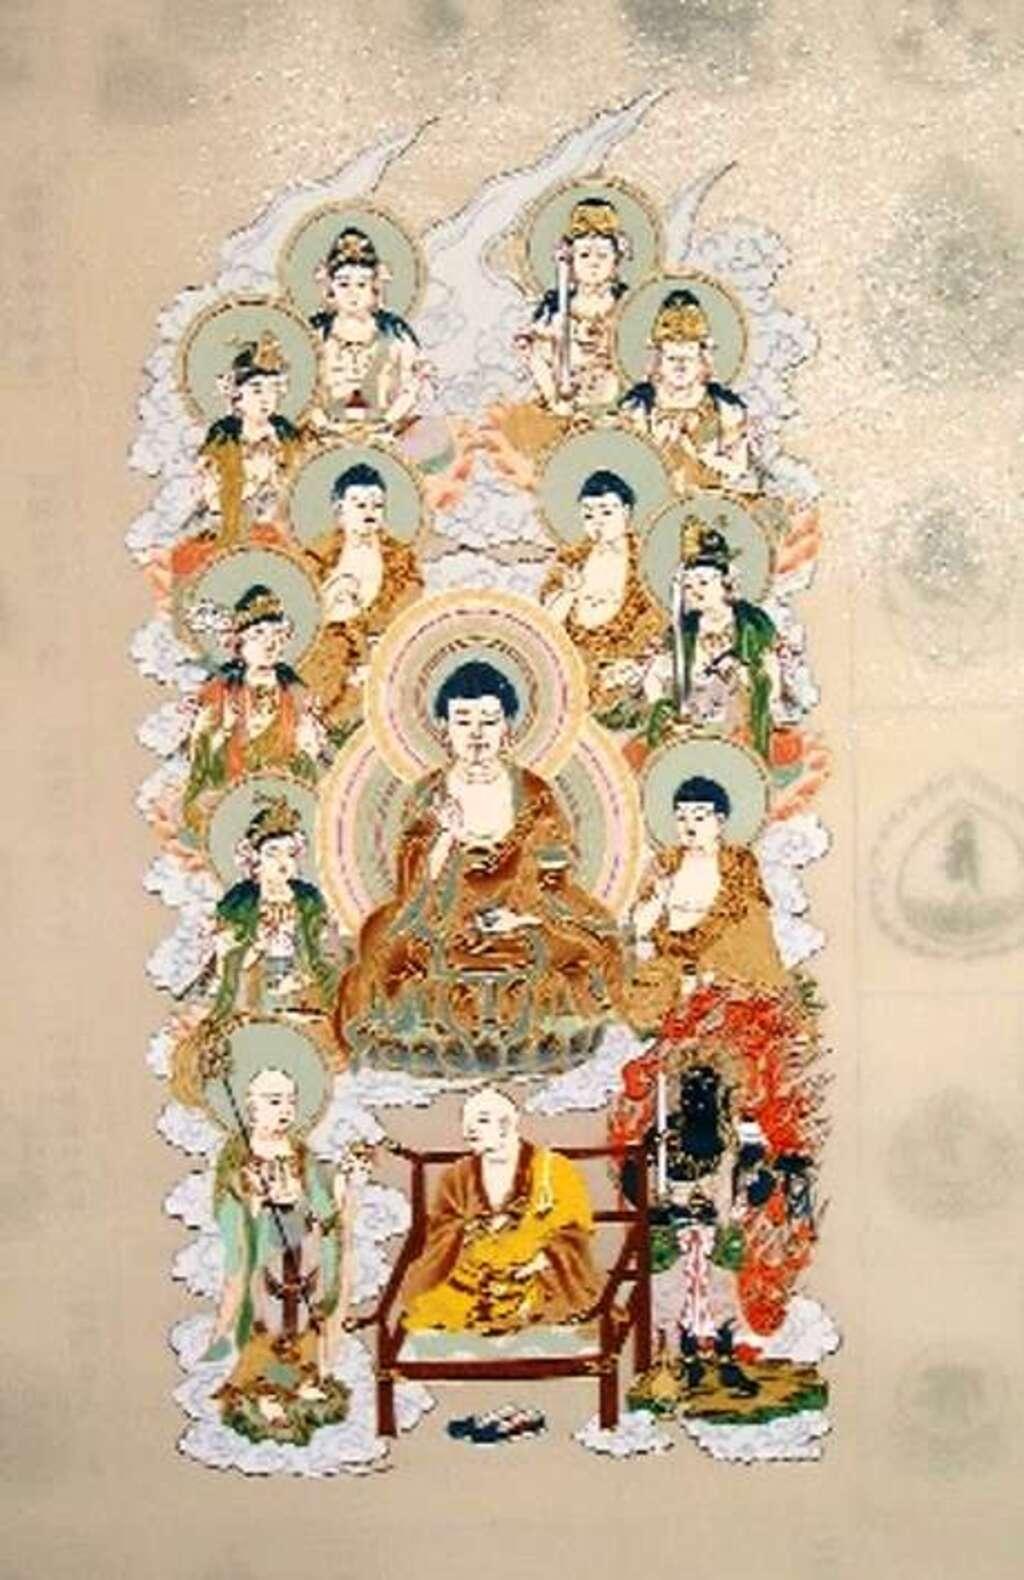 法話と天井絵の寺 觀音寺の芸術